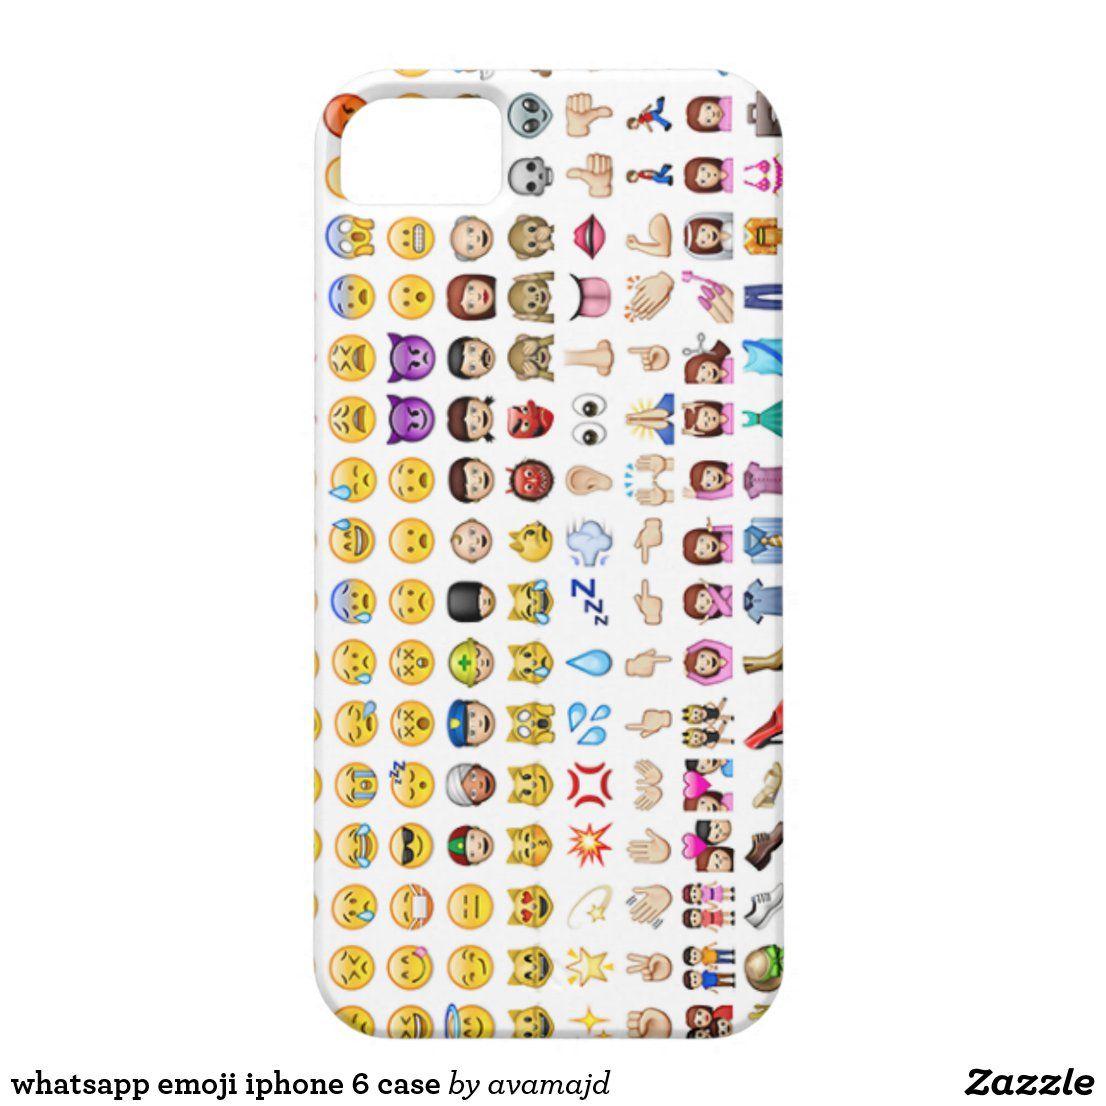 Whatsapp Emoji Iphone 6 Case Zazzle Com In 2020 Emoji Phone Cases Iphone 6 Case 6 Case